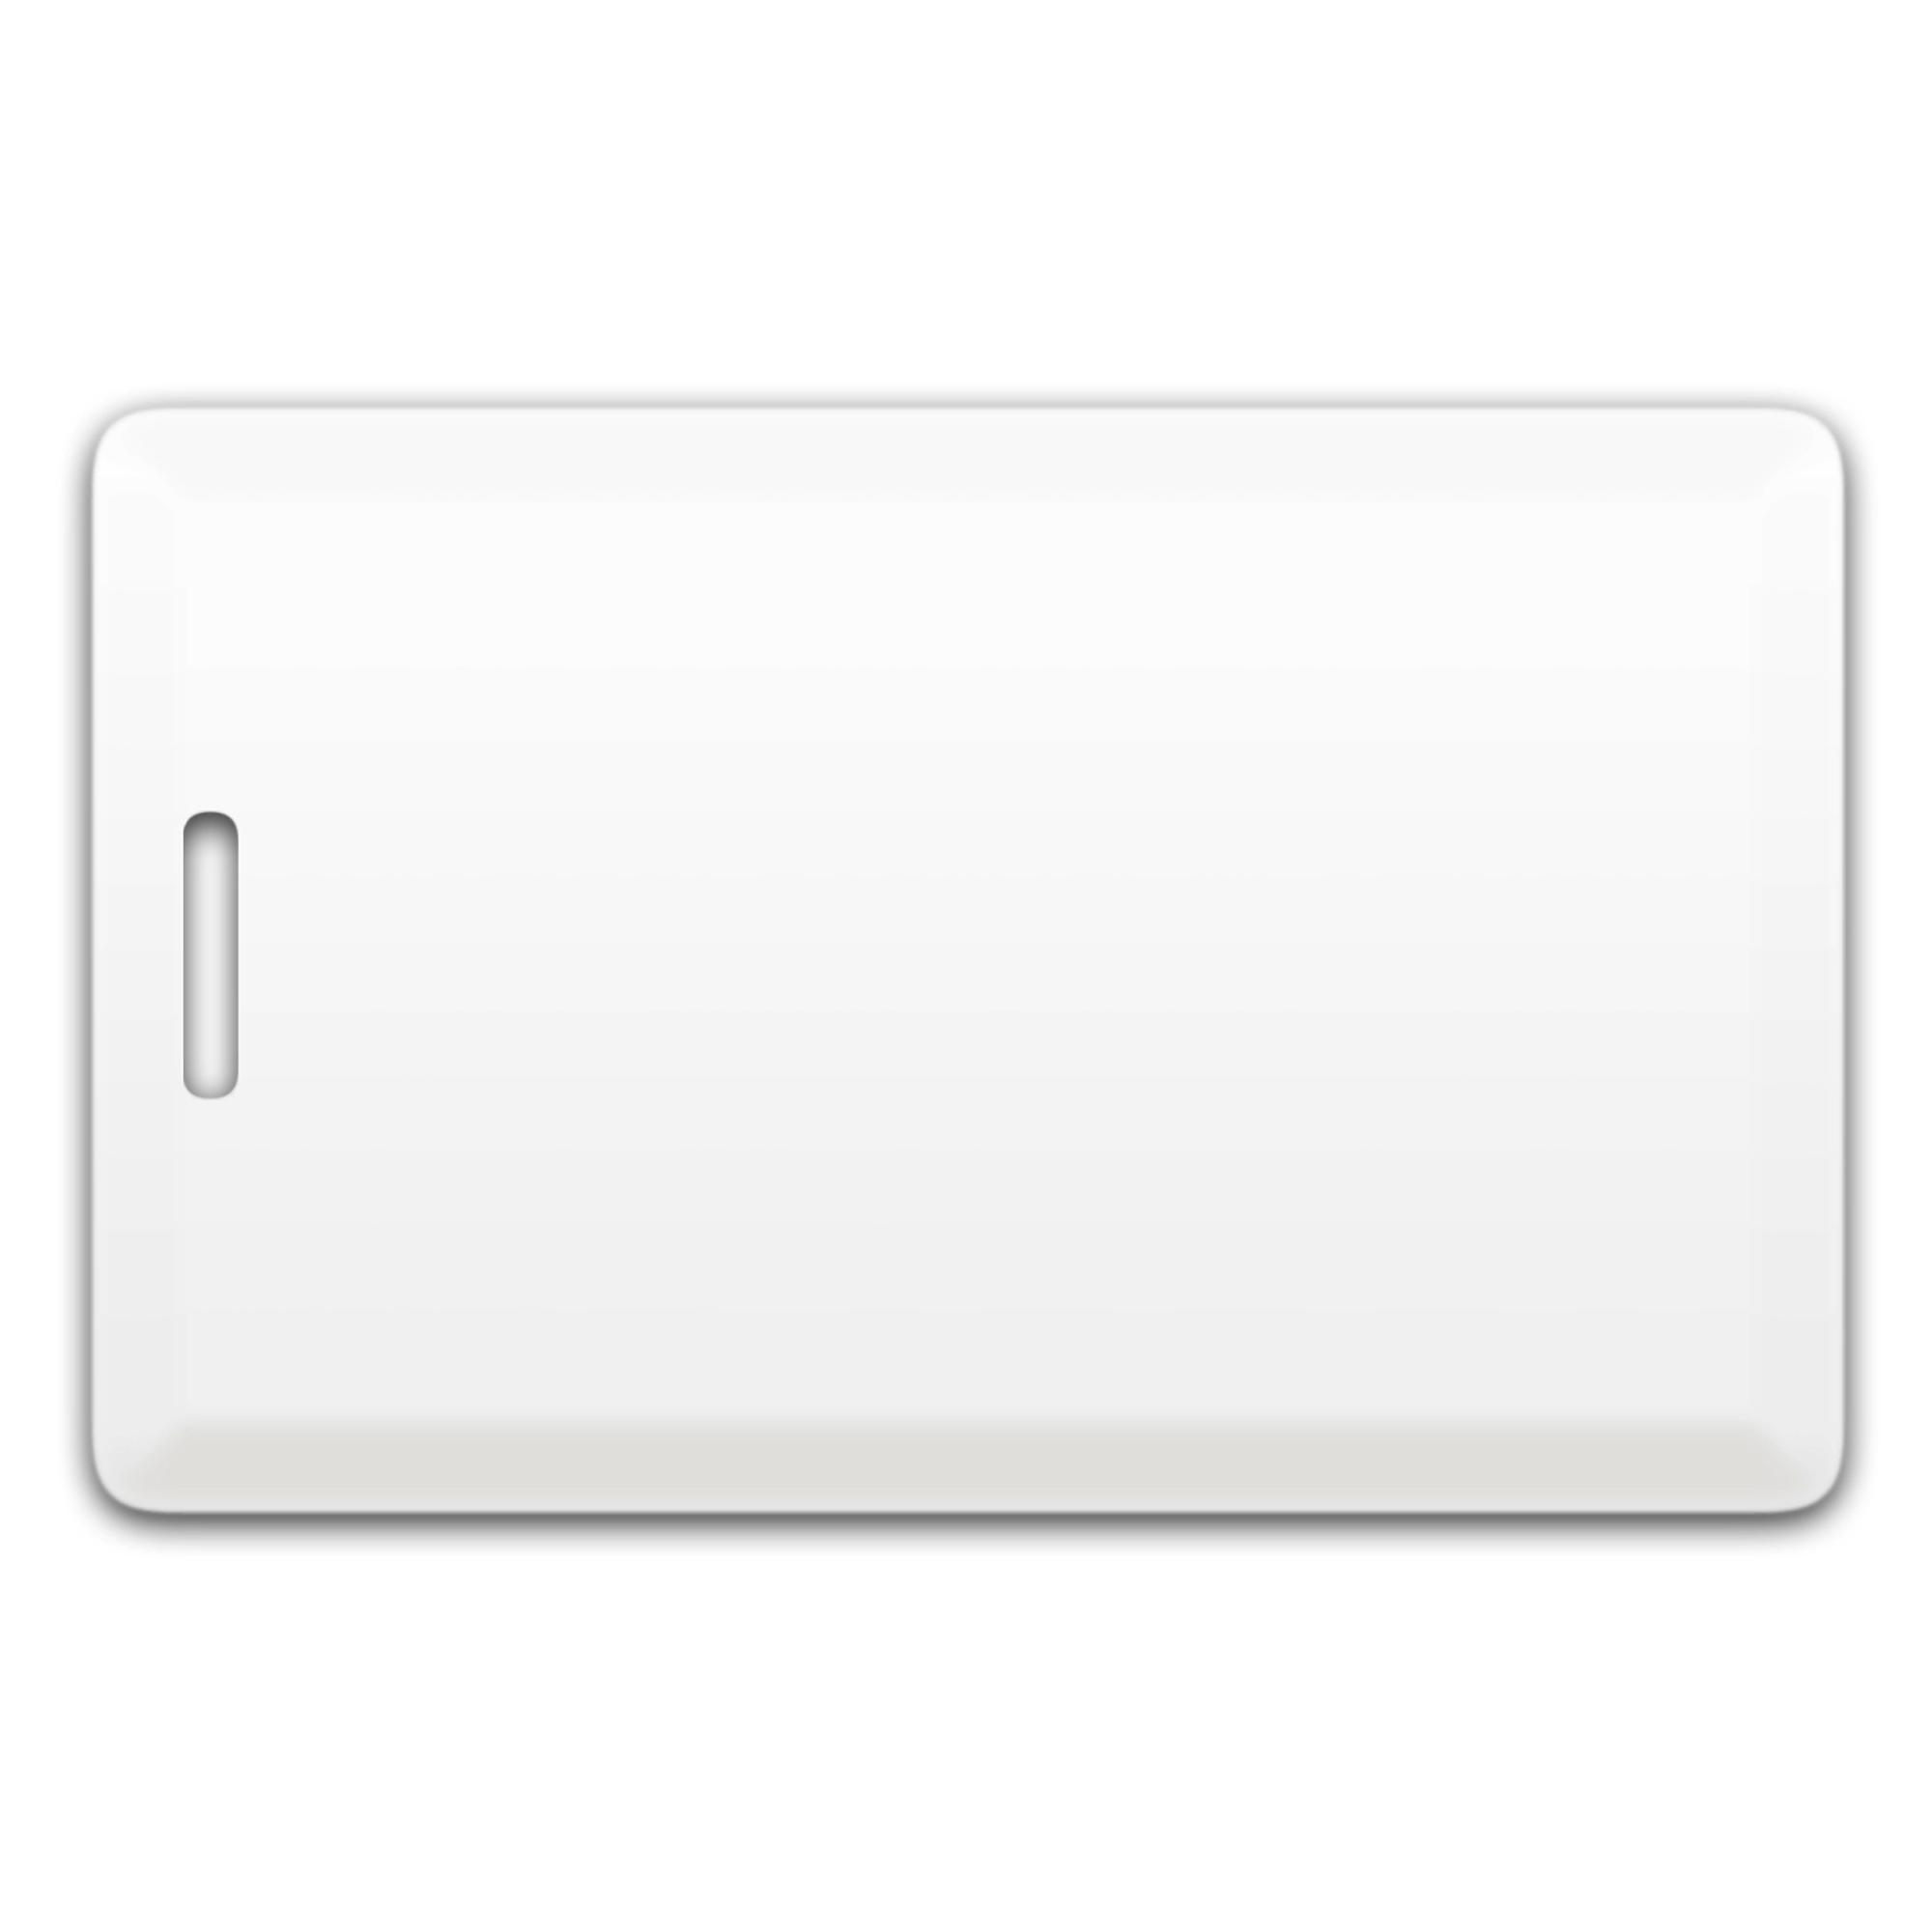 Бесконтактная пластиковая карта совместимая с SATEL KT-STD-2